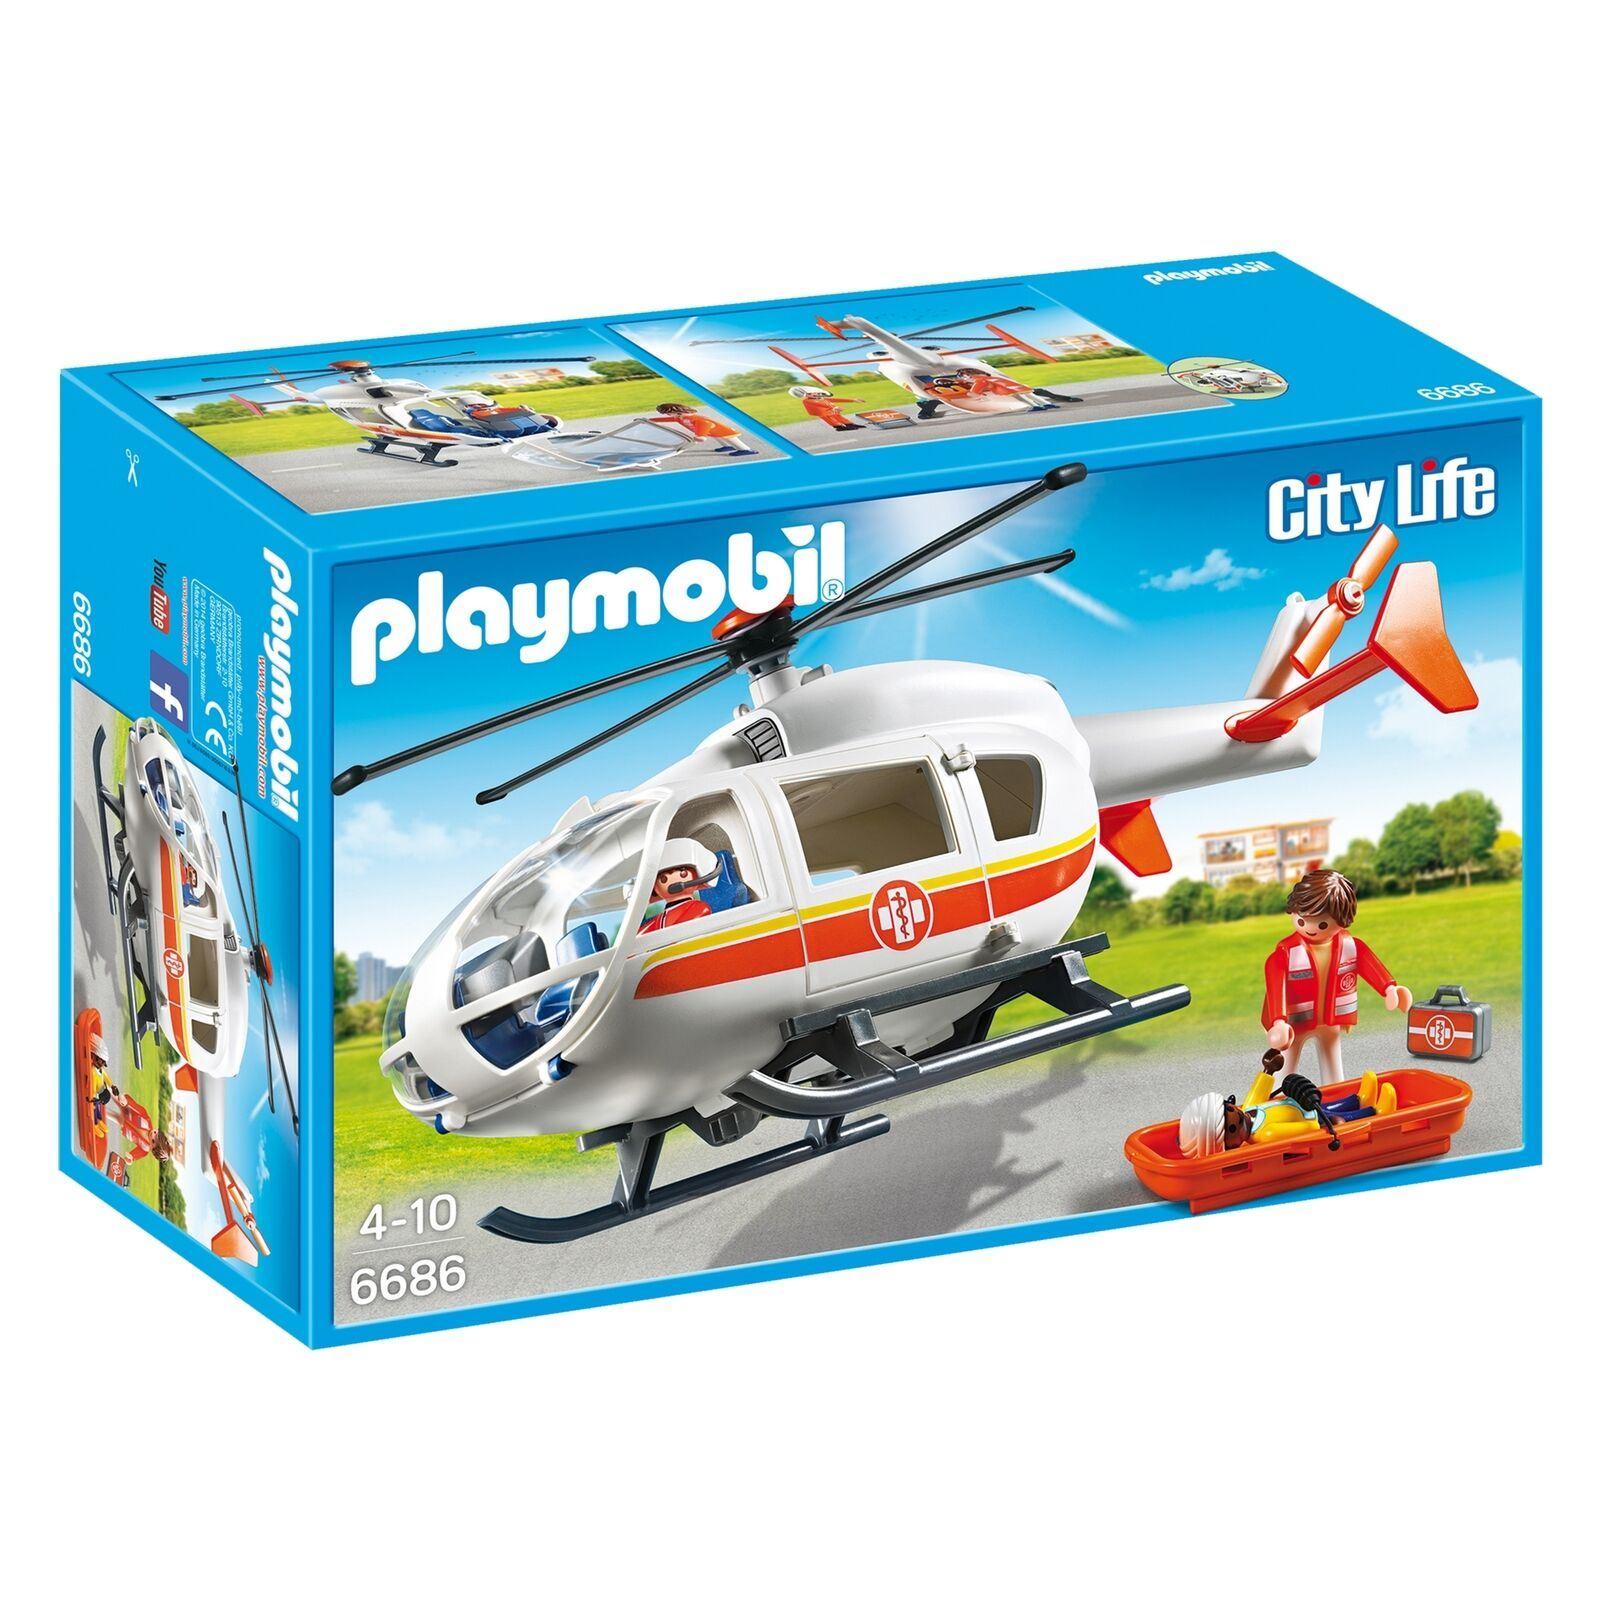 Dettagli su Playmobil City Life 6686 Emergenza Rescue Medico Elicottero Set  Personaggi